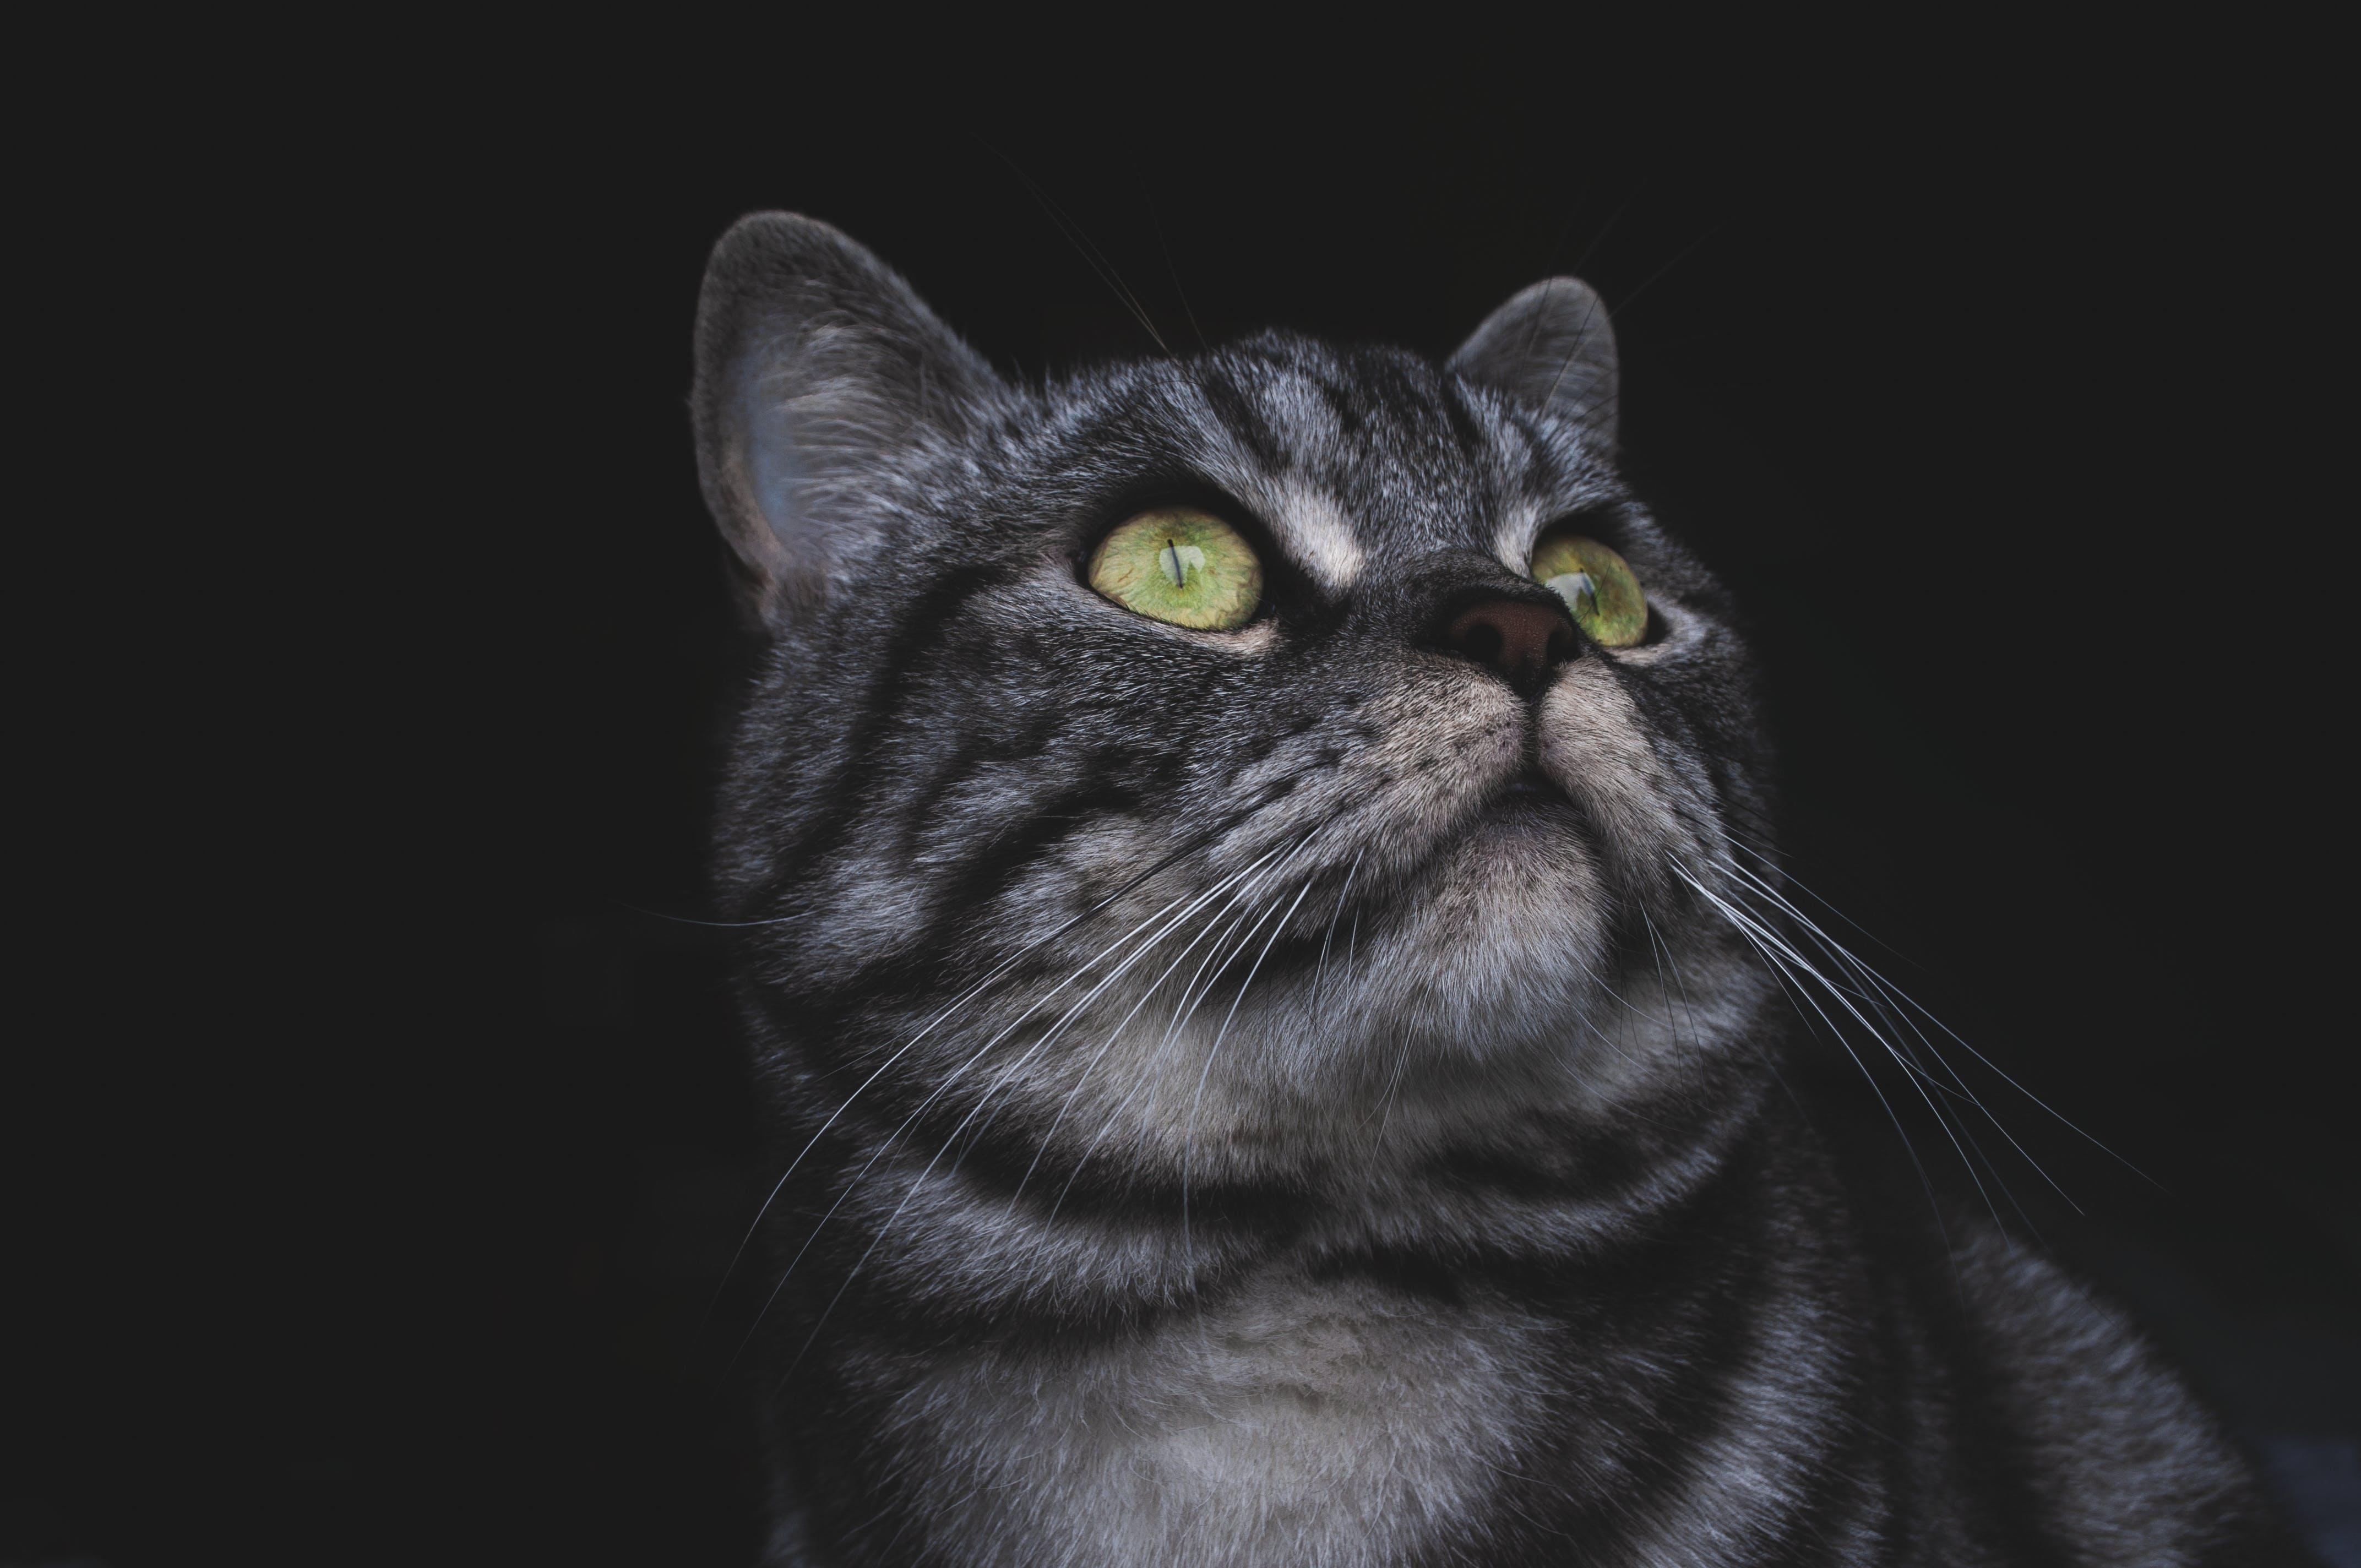 คลังภาพถ่ายฟรี ของ การถ่ายภาพสัตว์, ขน, ดวงตา, น่ารัก